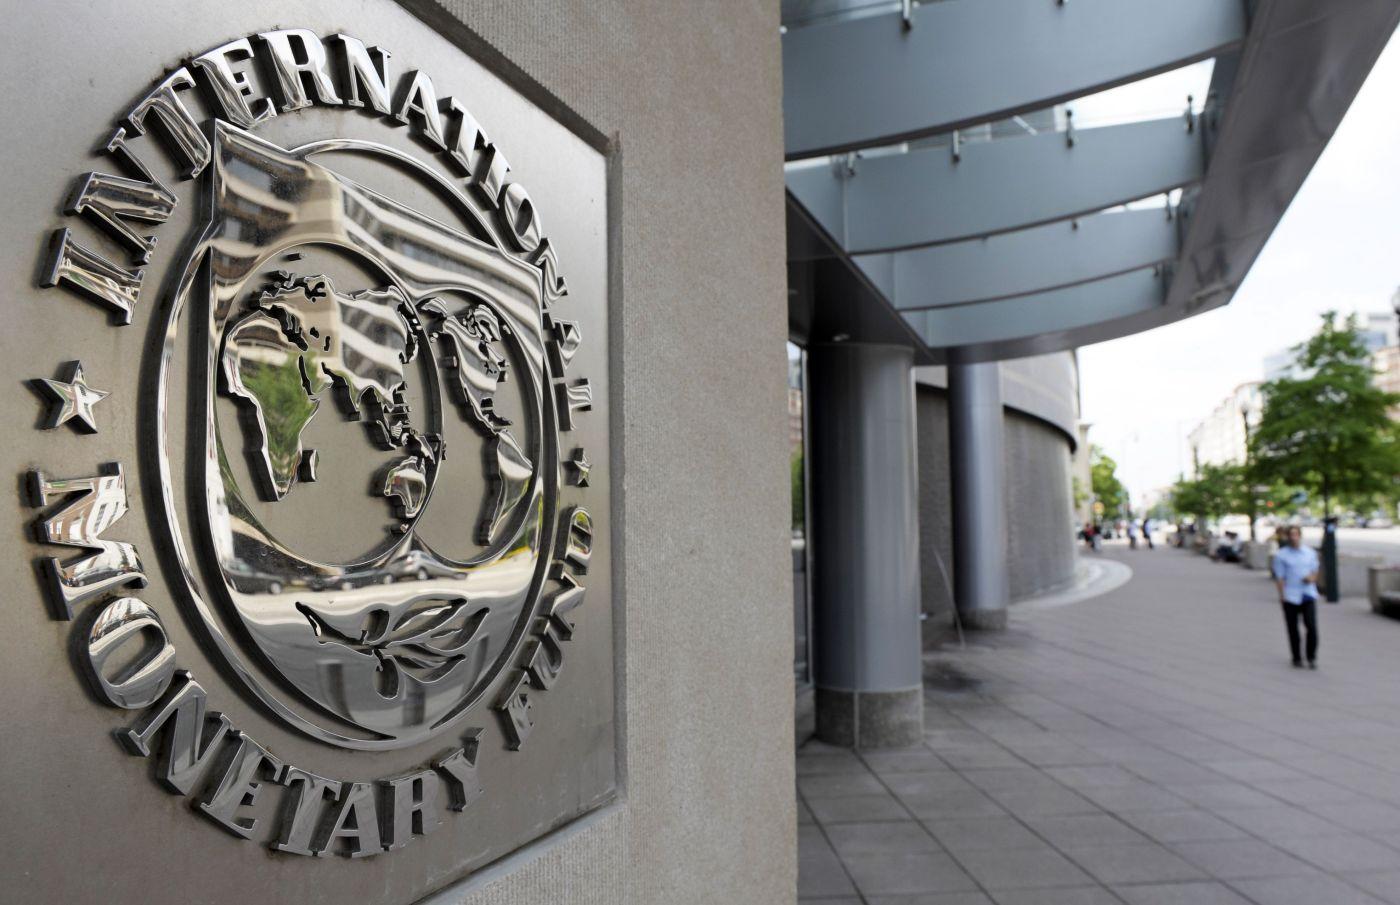 ԱՄՀ․ Վրաստանի տնտեսության 2016 թվականի աճի կանխատեսումը նվազեցվել է մինչեւ 2.5%